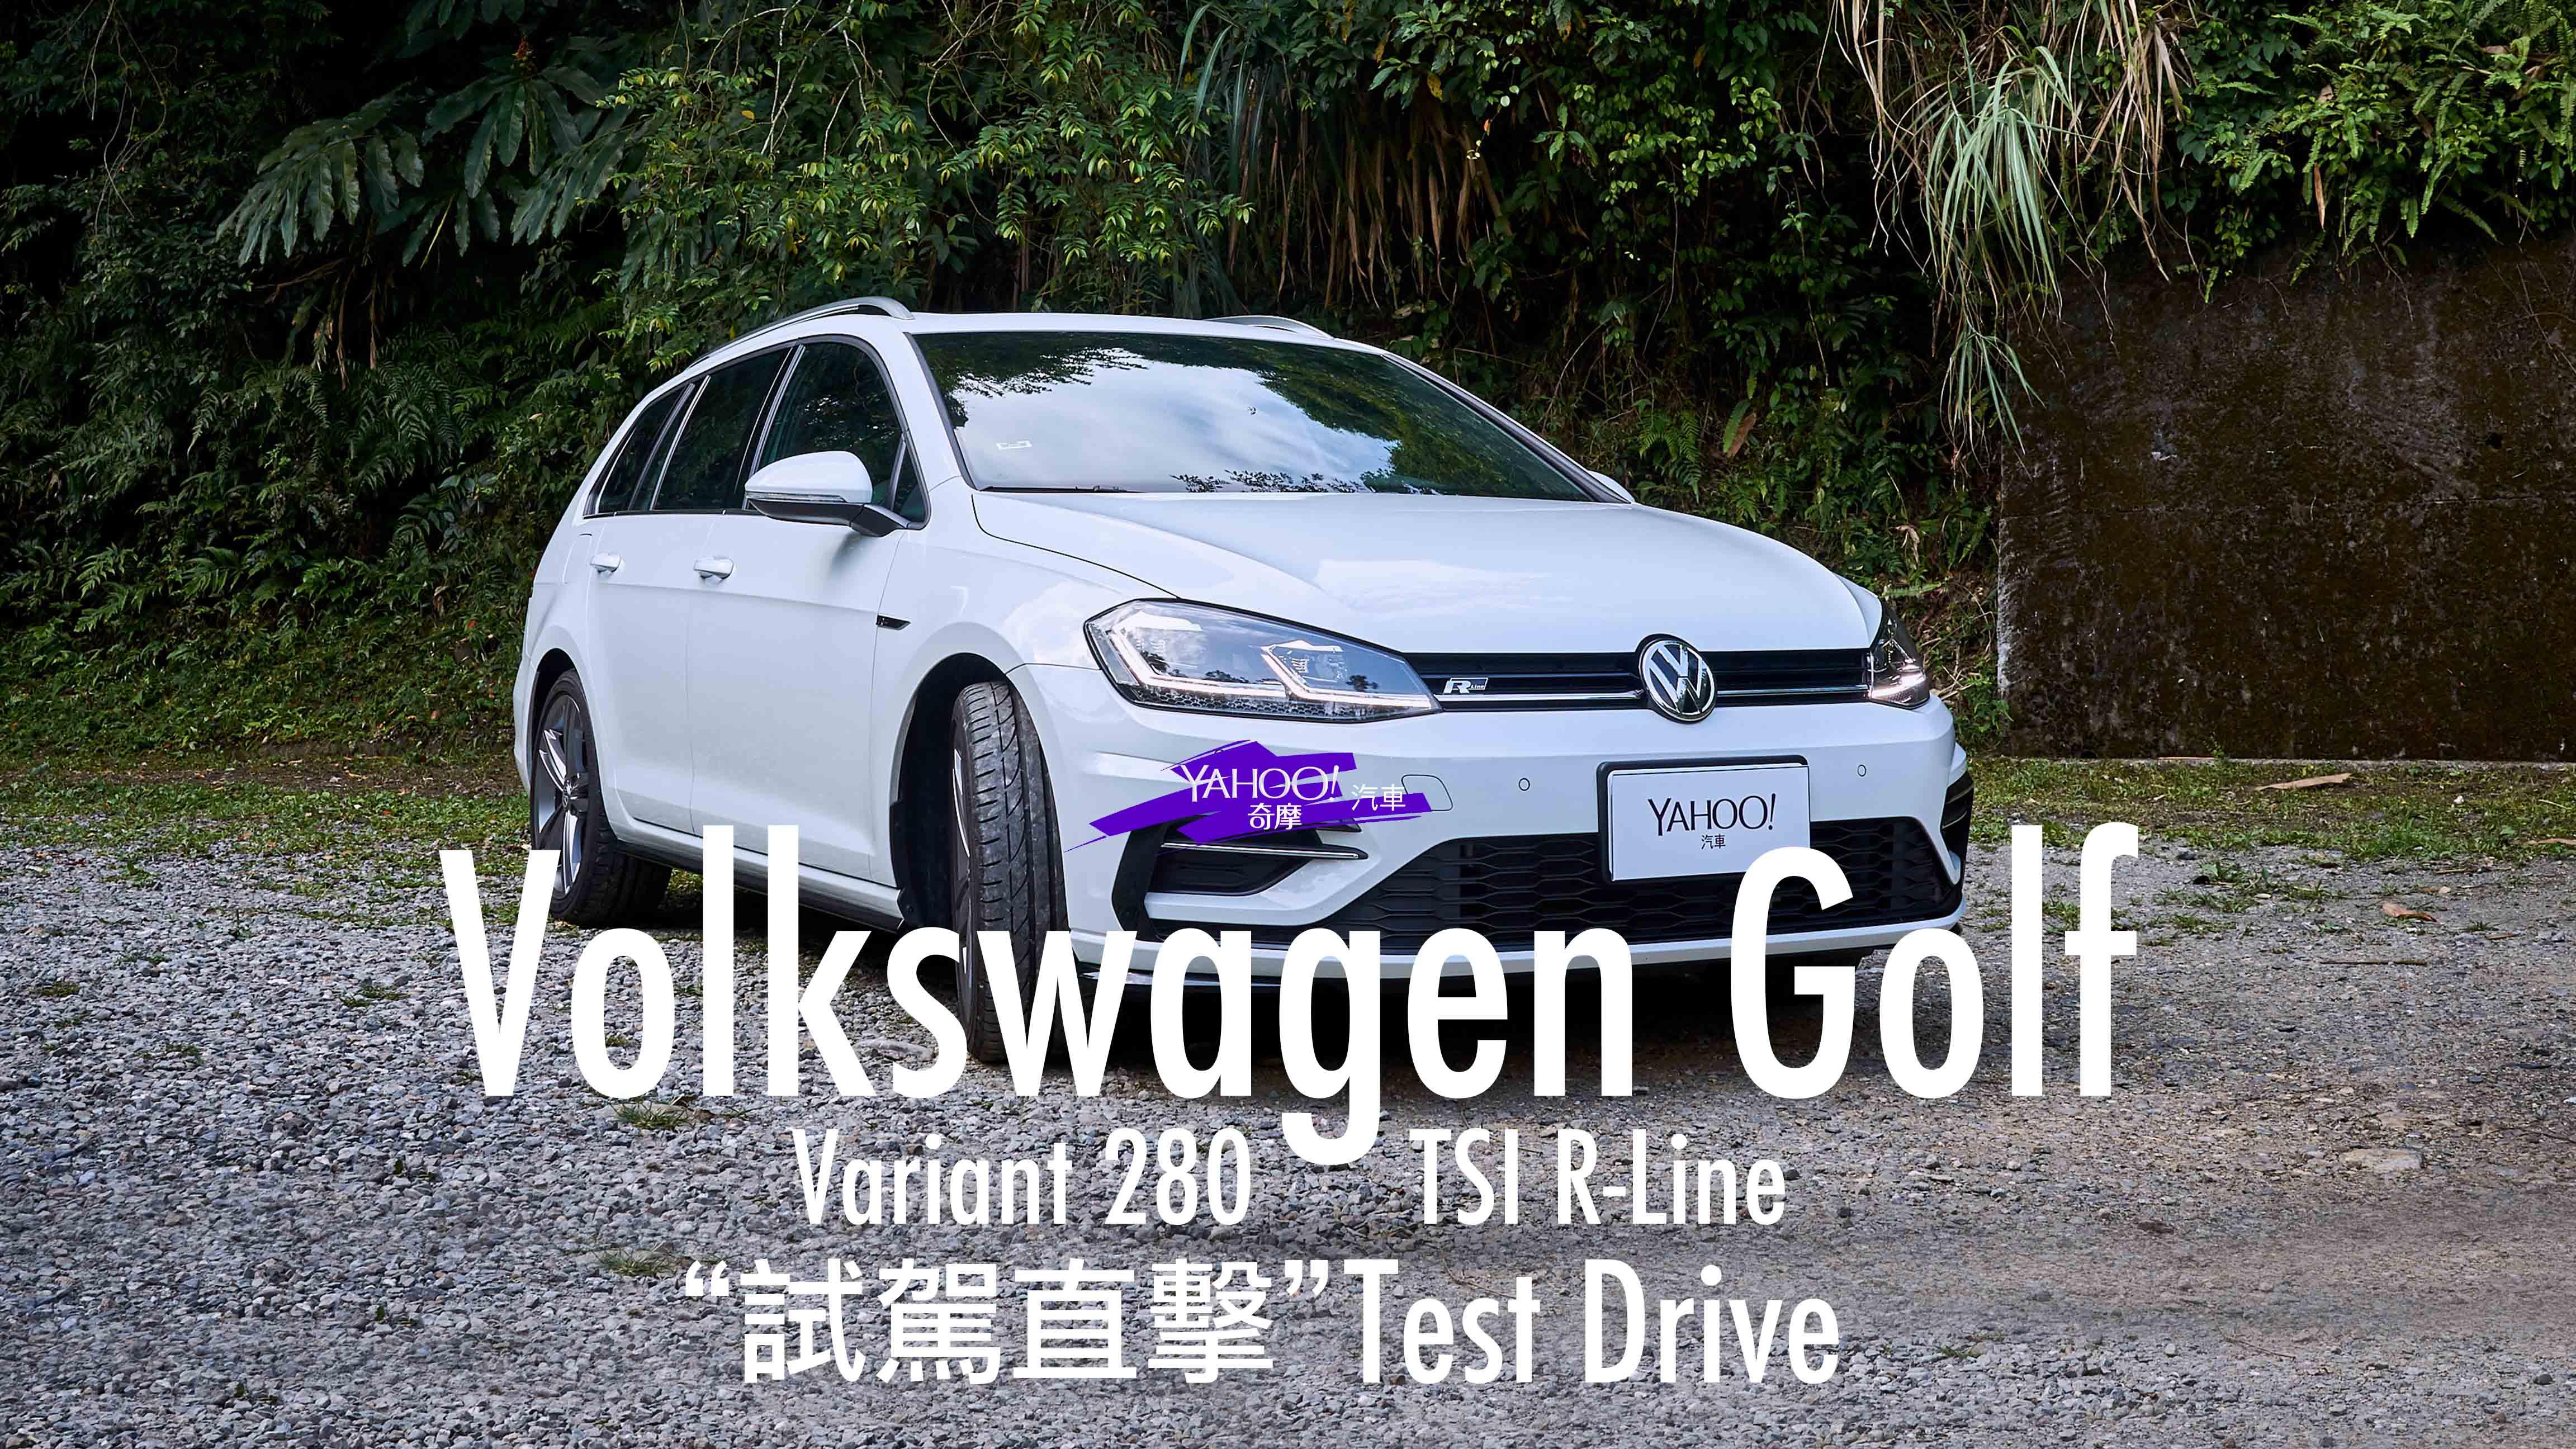 【試駕直擊】公私分明!時而大器、時而激進的年輕小夥子Volkswagen Golf Variant 280TSI R-Line宜蘭試駕